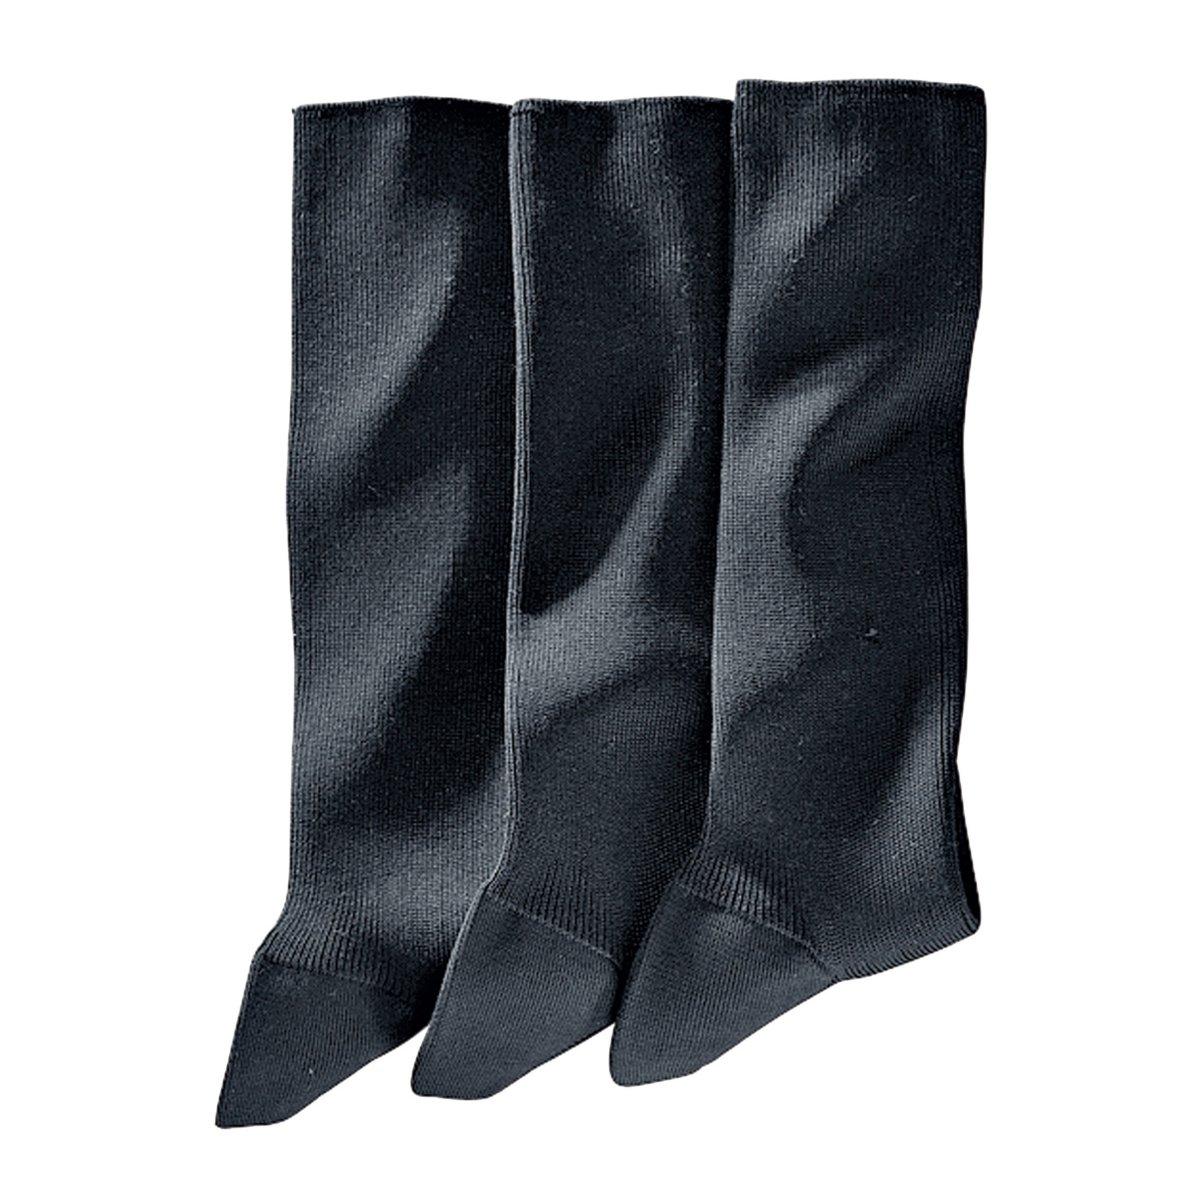 3 пары носков, 85% фильдекоса от La Redoute